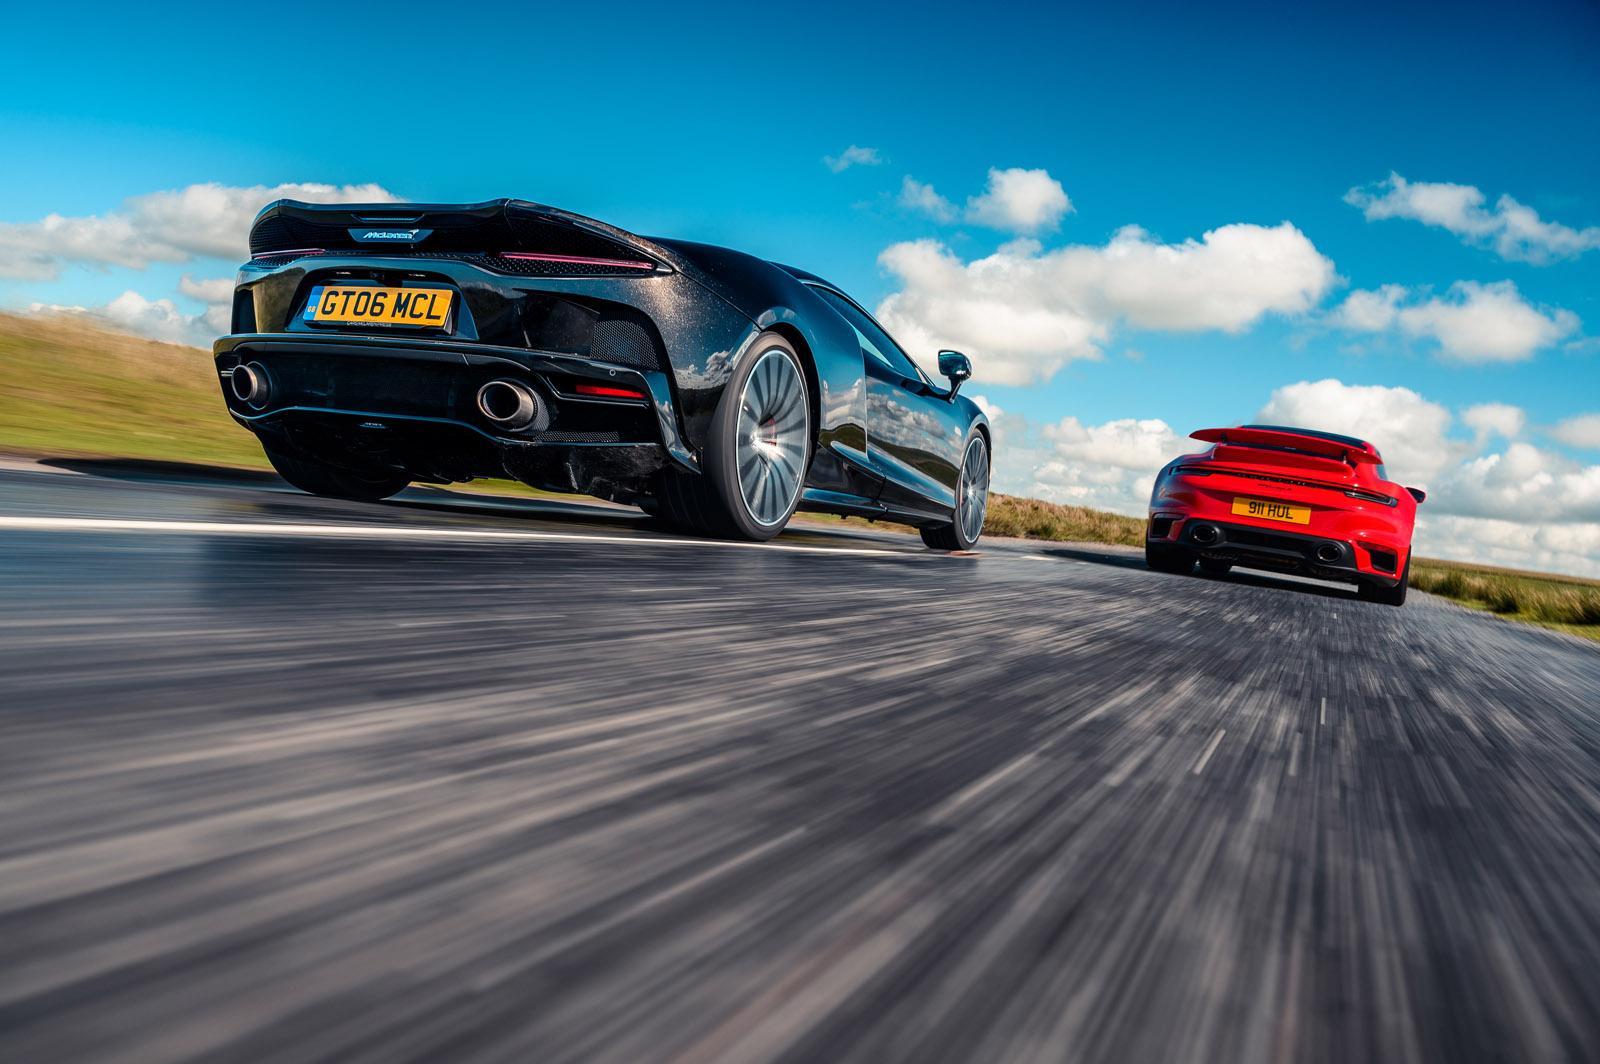 Tour de force: New Porsche 911 Turbo S vs McLaren GT